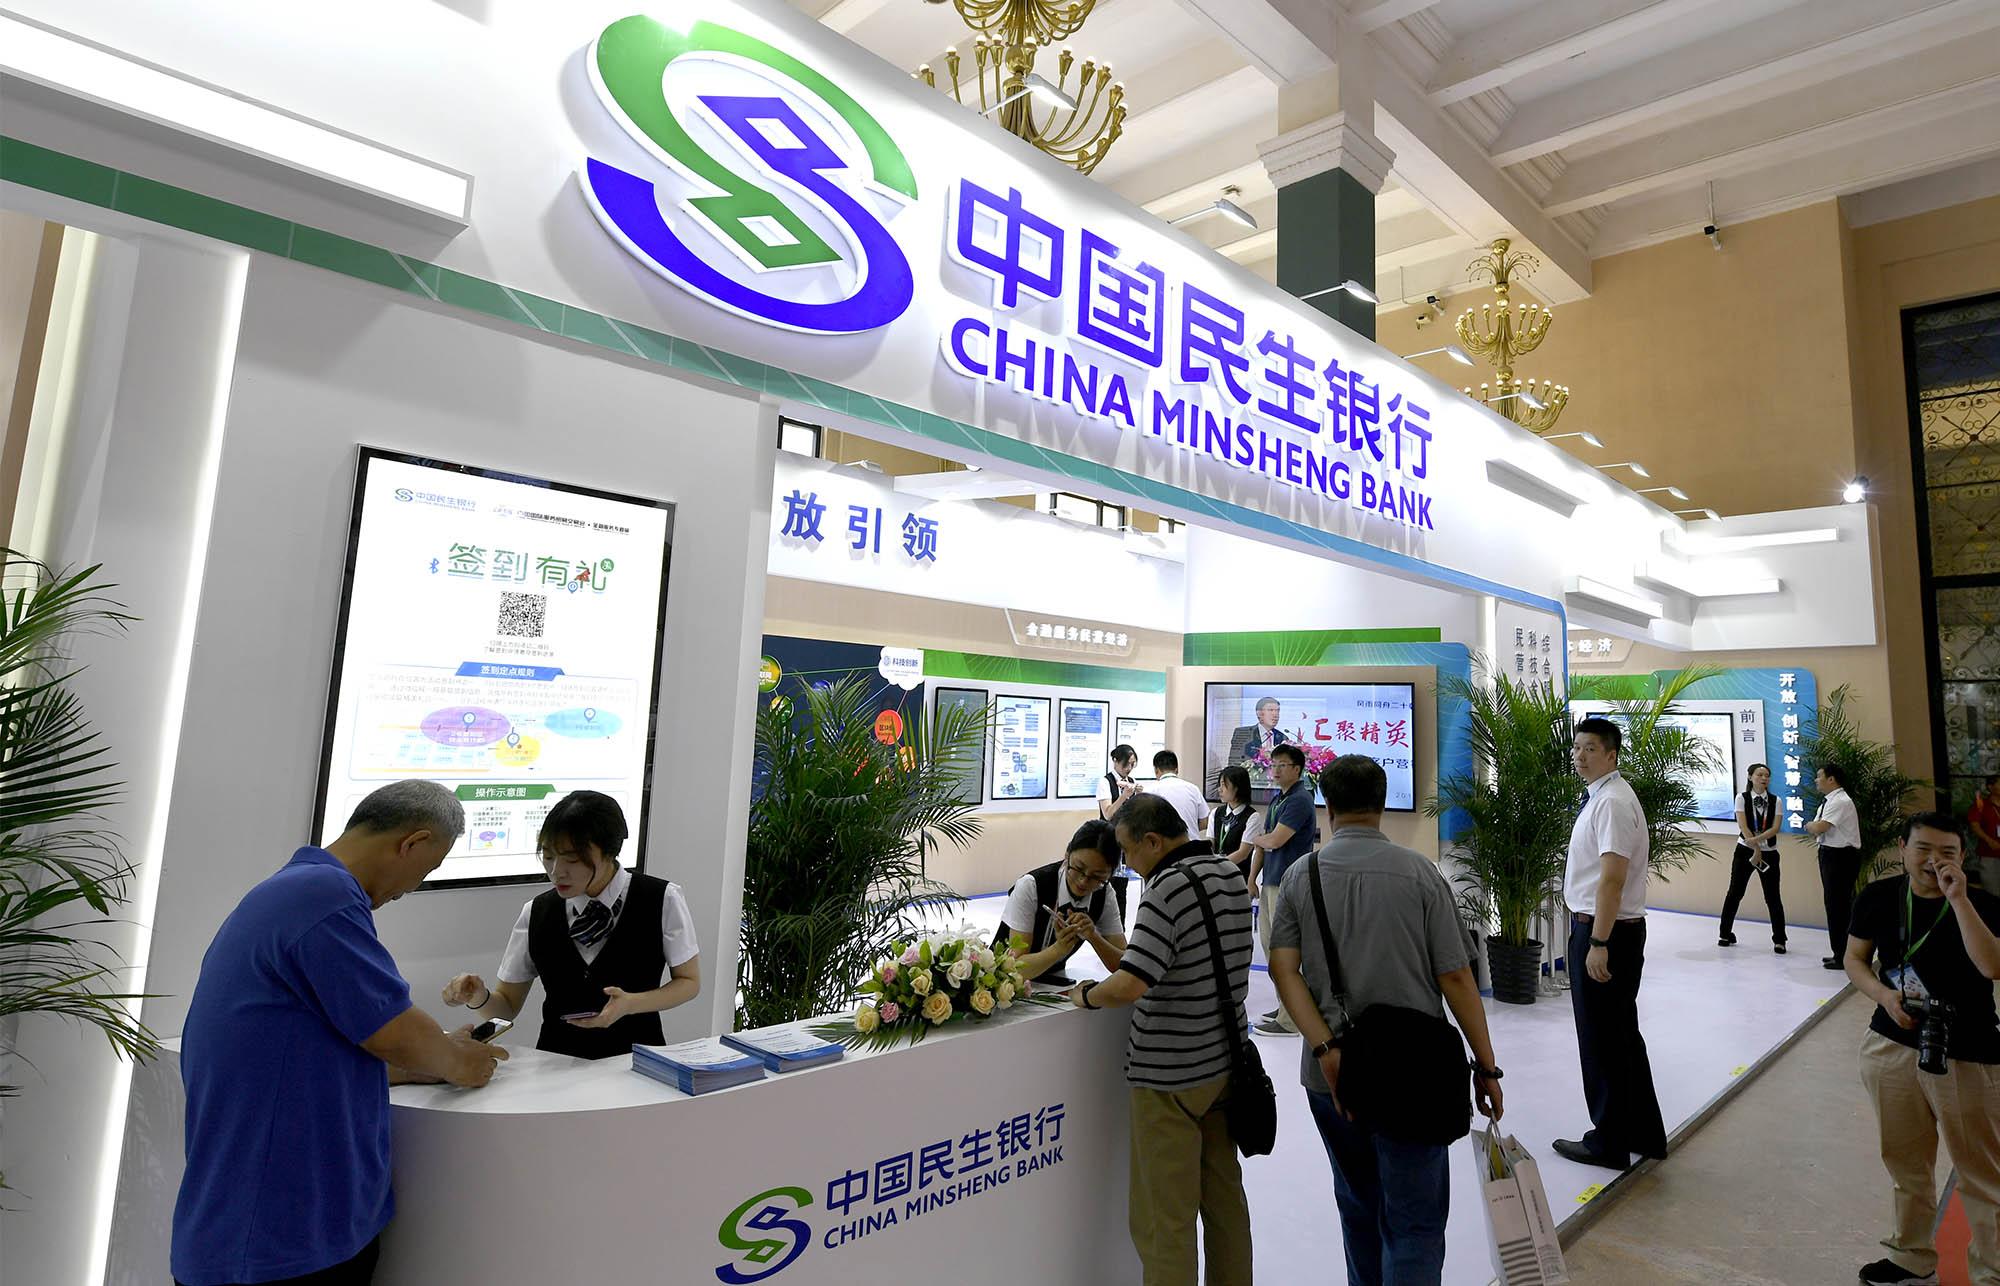 中国民生银行展台